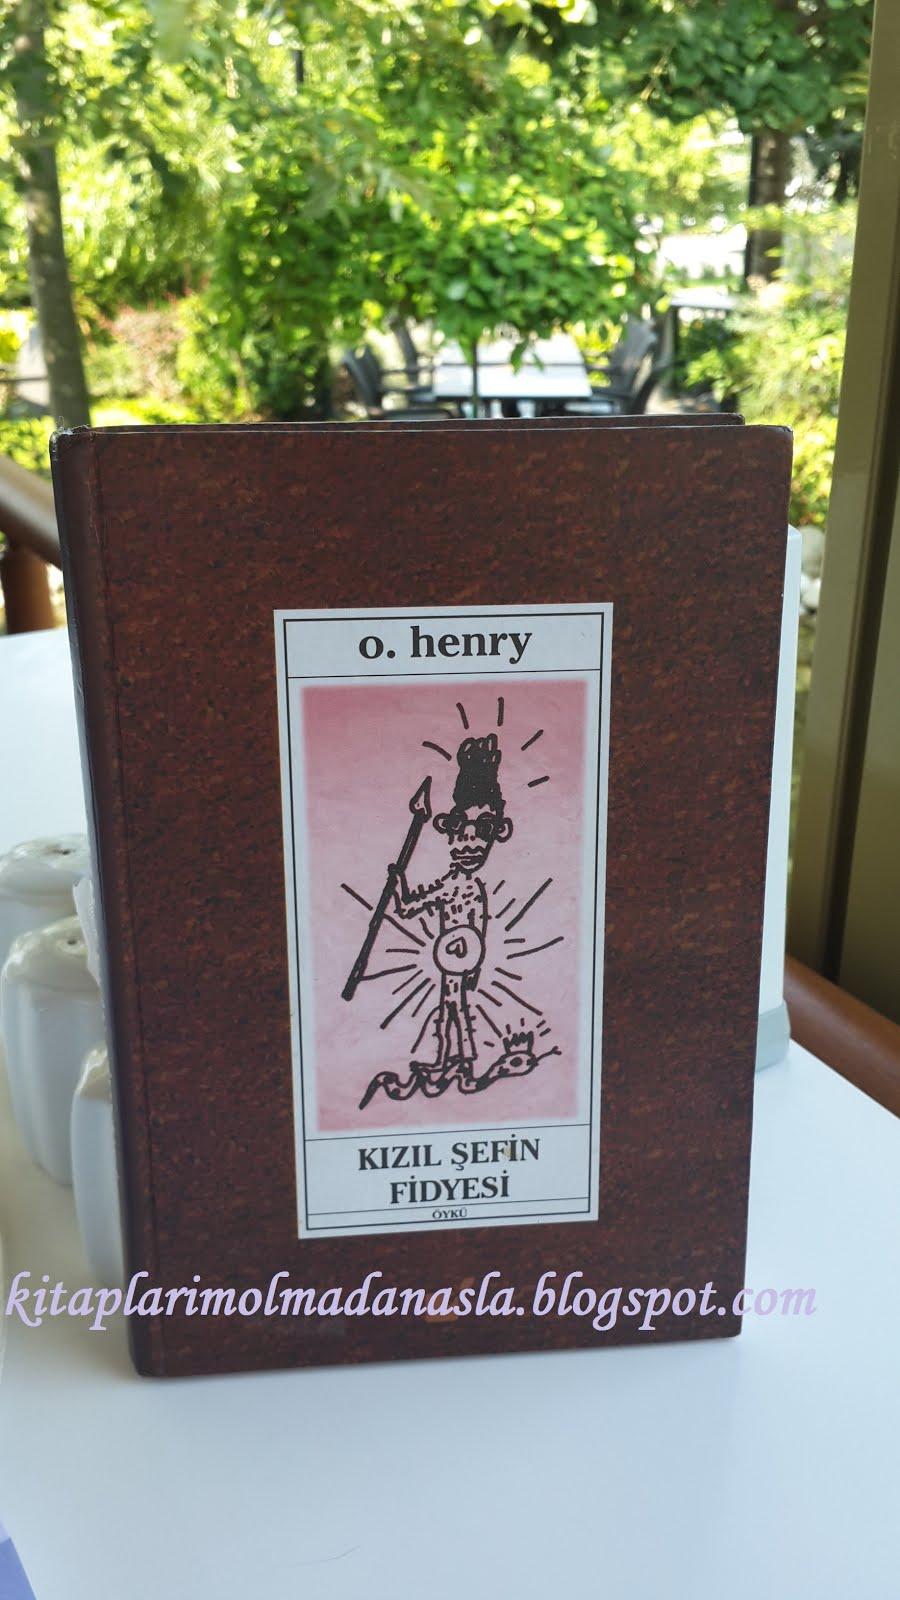 O. HENRY - KIZIL ŞEFİN FİDYESİ